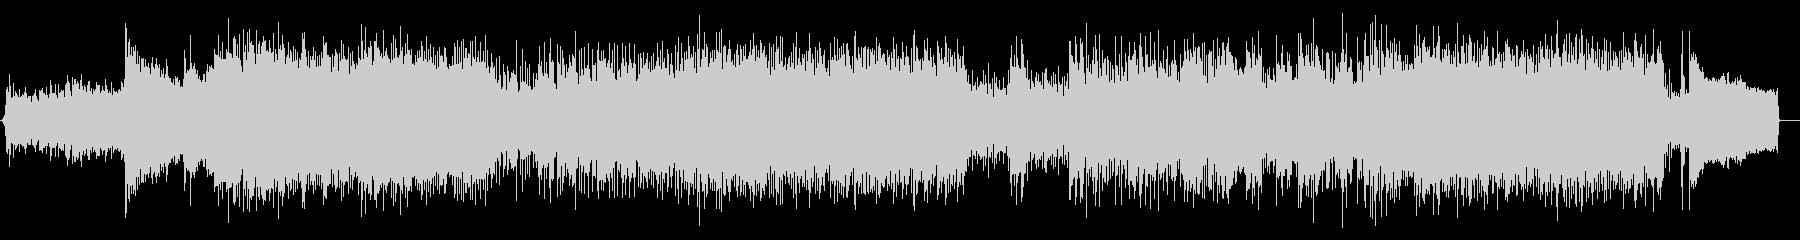 Duelistの未再生の波形